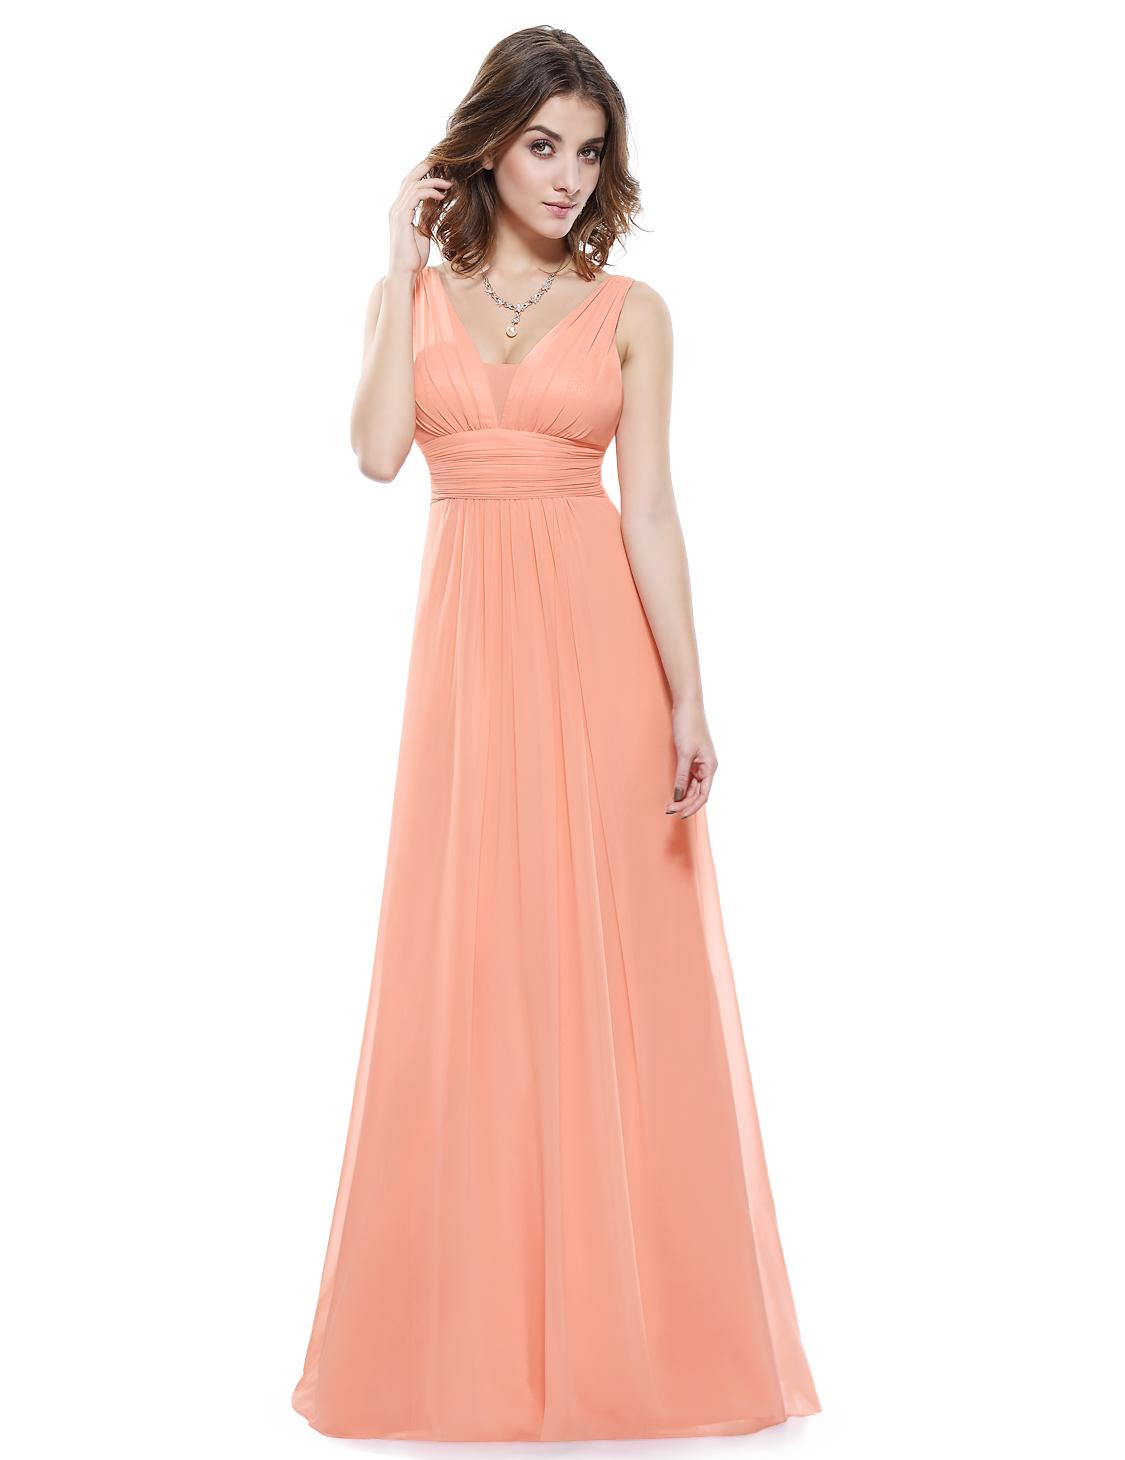 Šaty na ples plesové šaty  710bae546a